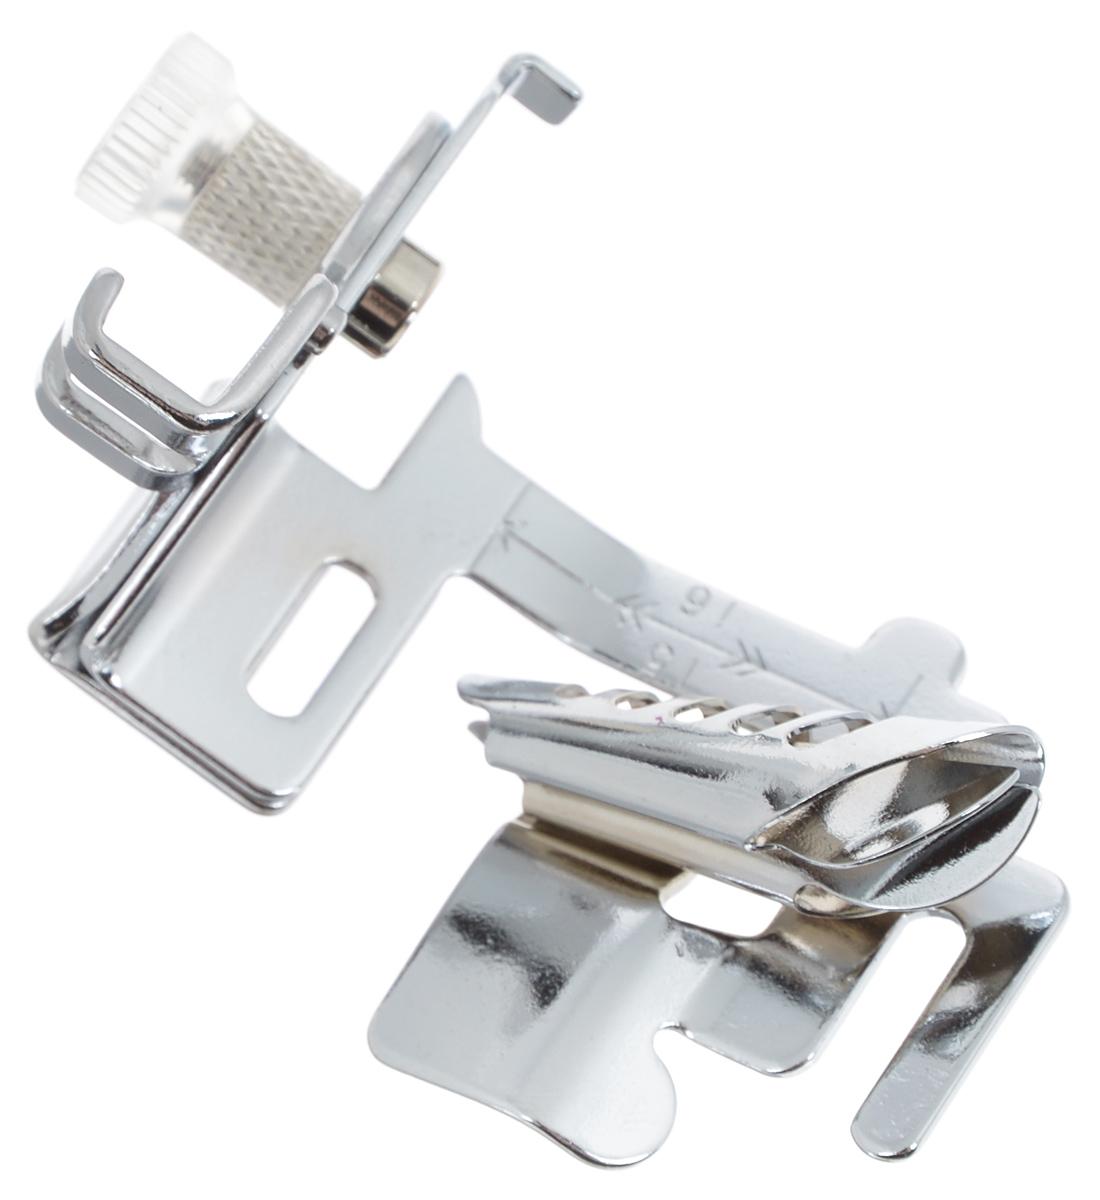 Лапка для швейной машины Aurora, для окантовывания края отделочной тесьмойAU-117Лапка для швейных машин Aurora предназначена для обработки краев отделочной тесьмой. Эта операция является достаточно простым способом придать обрезным краям материала ровный и аккуратный вид. Для этого нужна отделочная тесьма (косая бейка) шириной 24 мм, без средней складки. Подходит для большинства современных бытовых швейных машин. Инструкция по использованию прилагается.